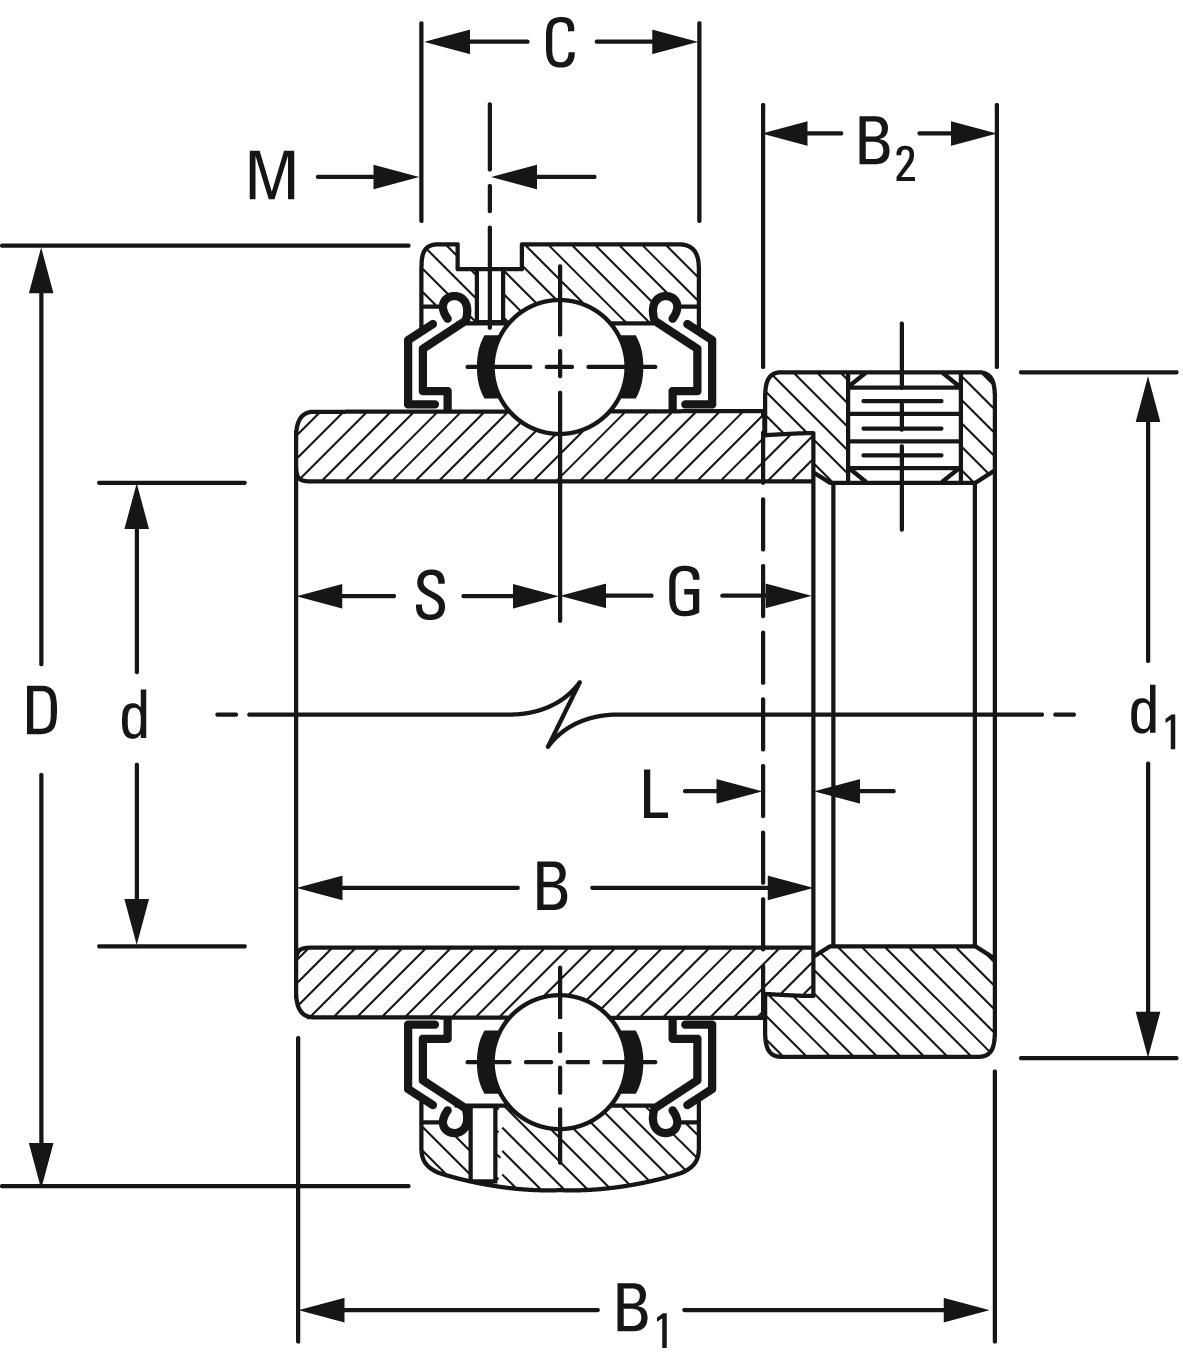 Timken Part Number G1108kllb Fafnir 174 Eccentric Locking